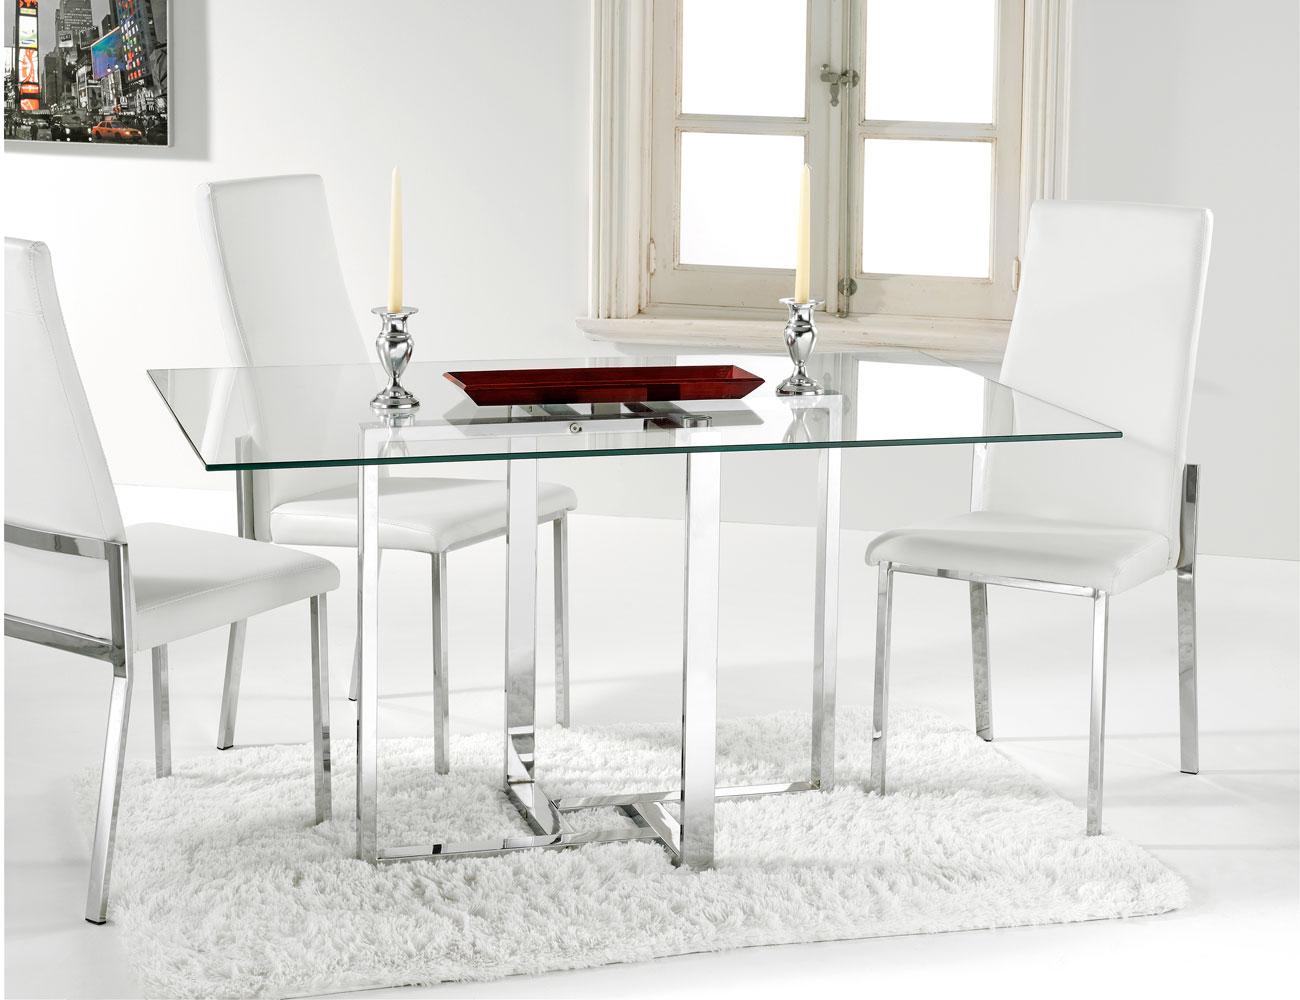 Mesa comedor cristal templado (2386) | Factory del Mueble Utrera